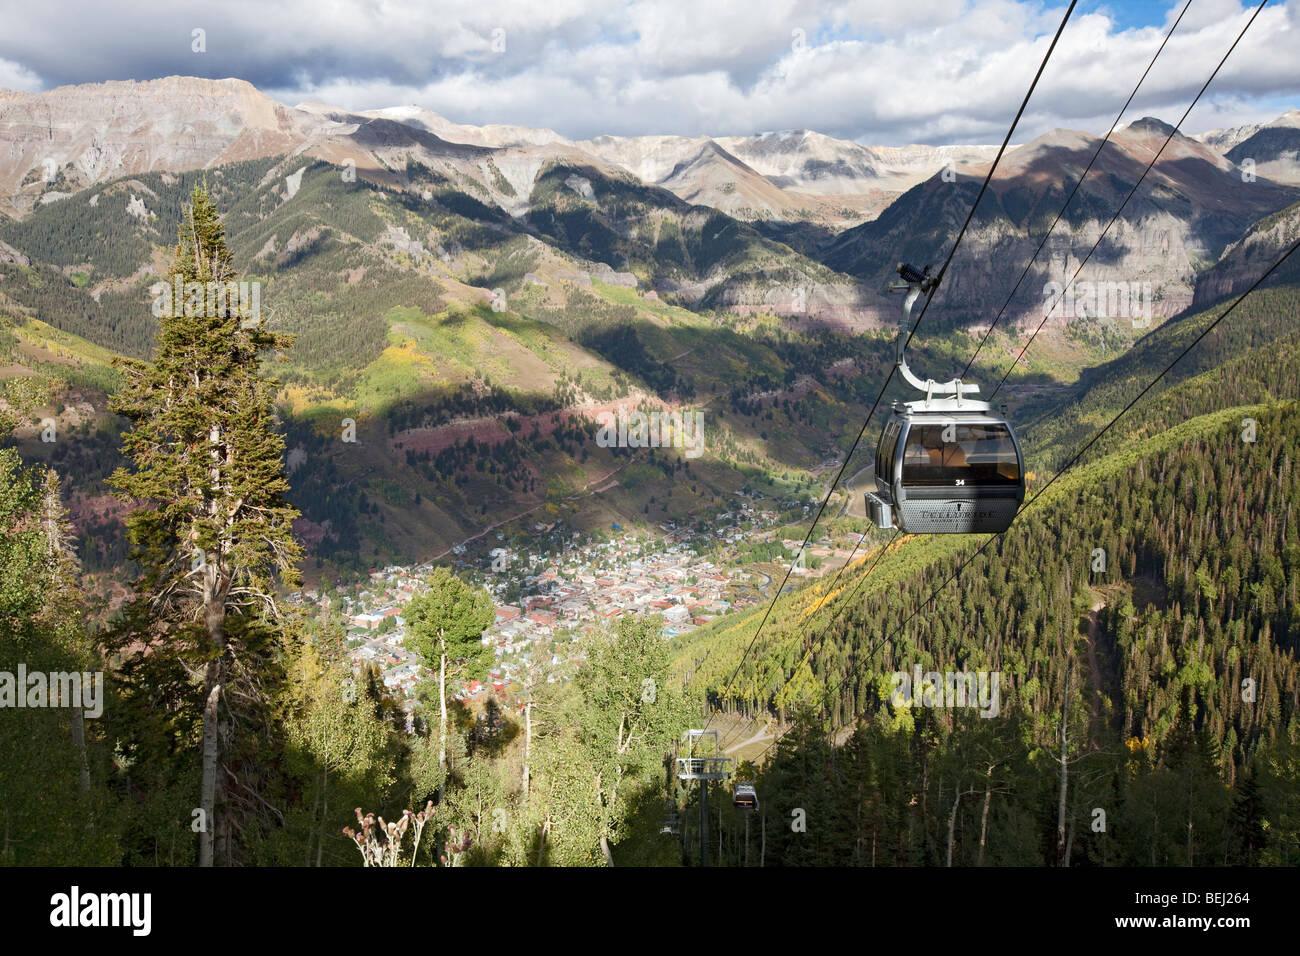 La góndola y libre de la ciudad de Telluride, Colorado abajo Imagen De Stock